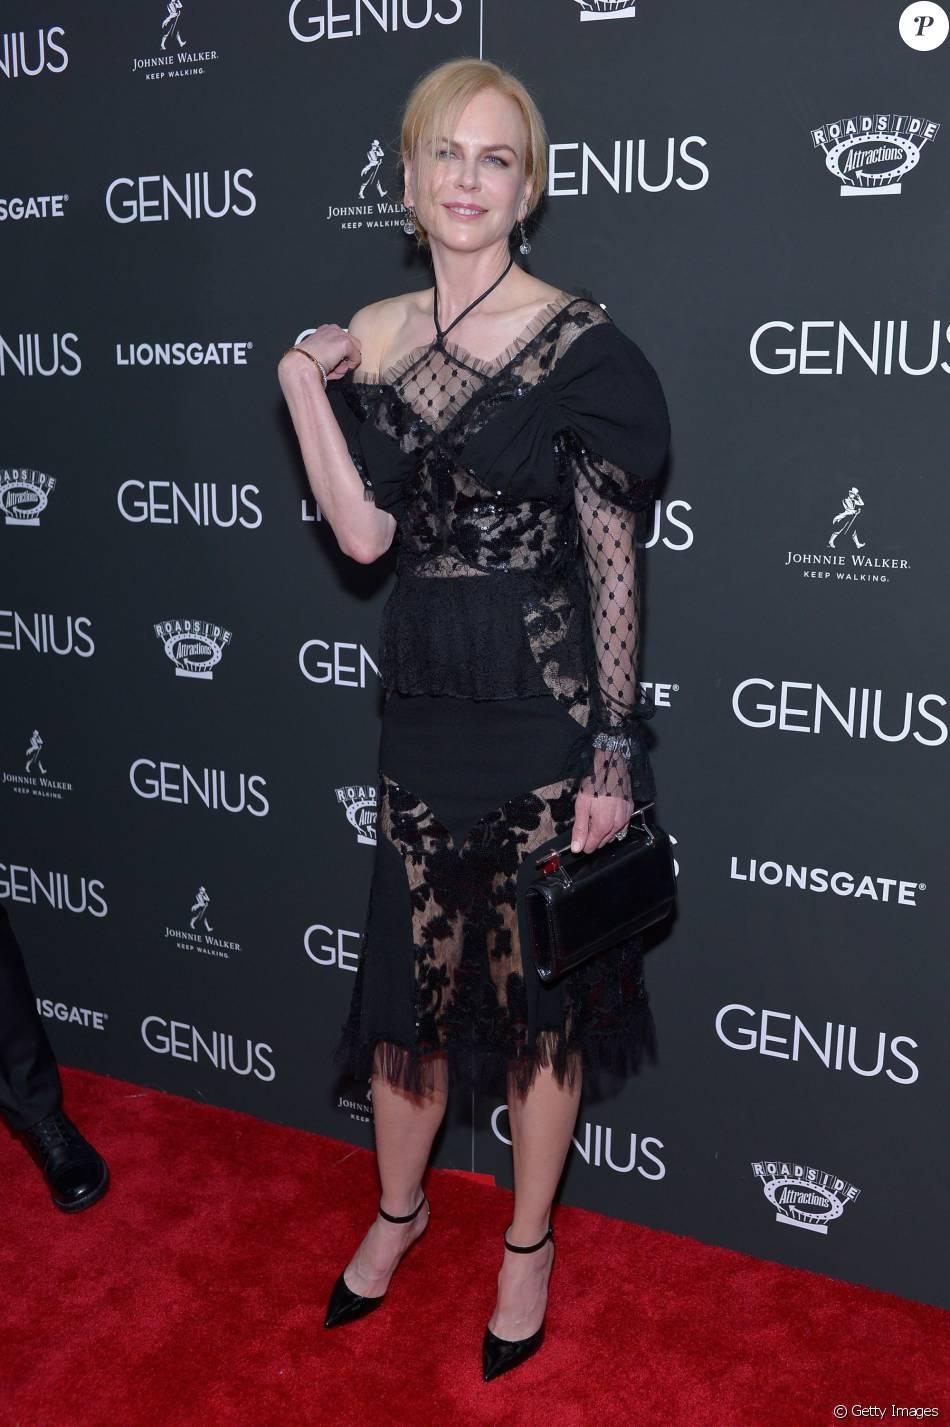 Nicole Kidman usa look transparente em pré-estreia em Nova York, neste domingo, 5 de junho de 2016